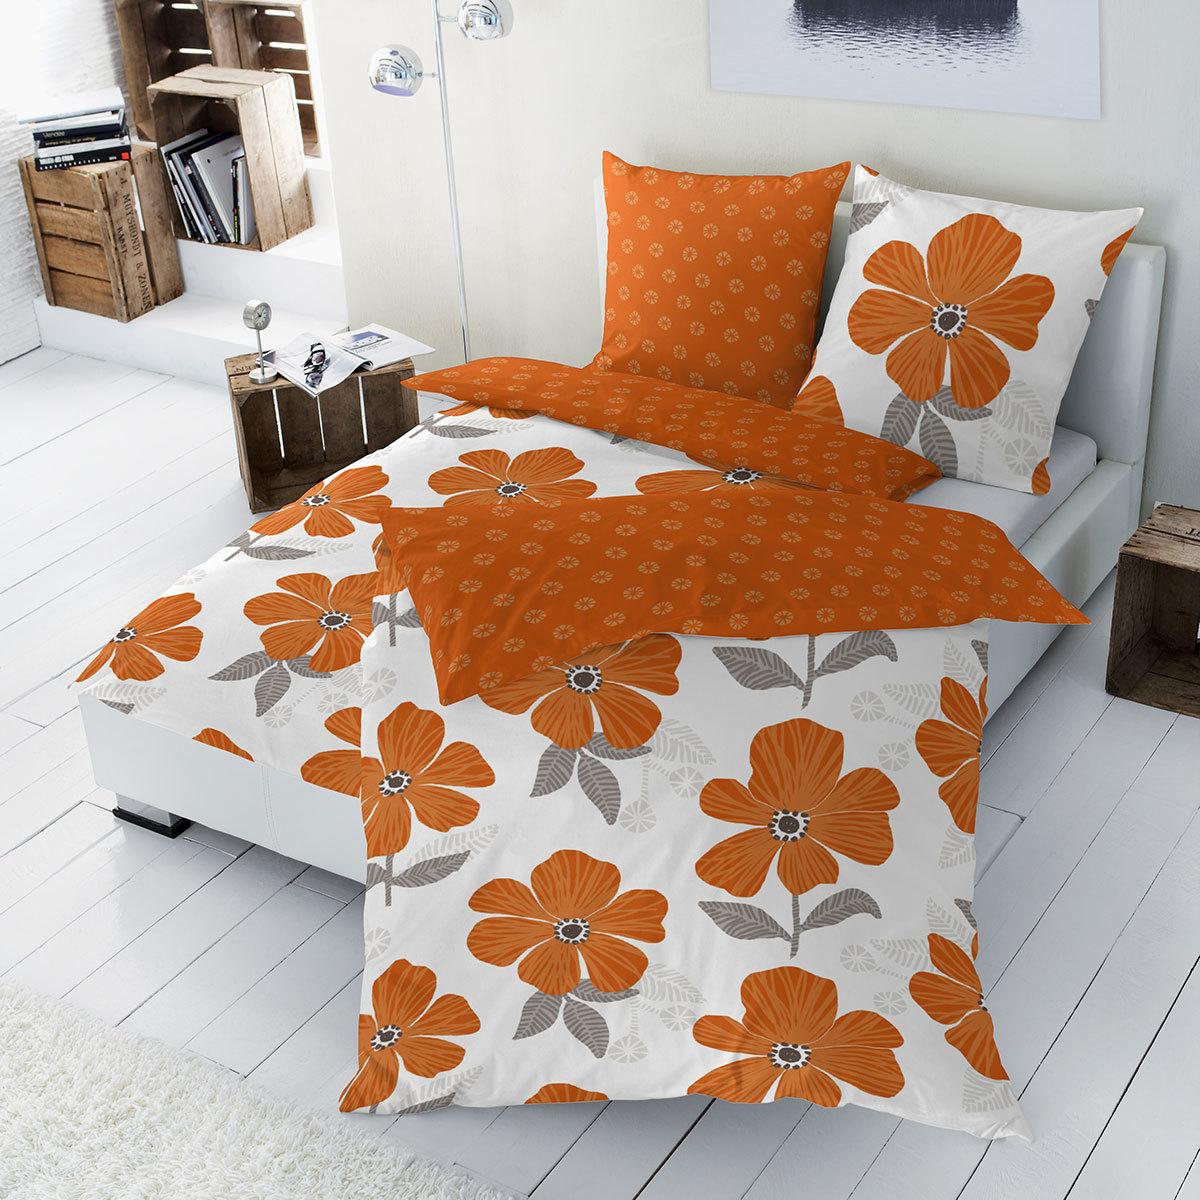 hahn renforc wendebettw sche blumen orange g nstig online kaufen bei bettwaren shop. Black Bedroom Furniture Sets. Home Design Ideas